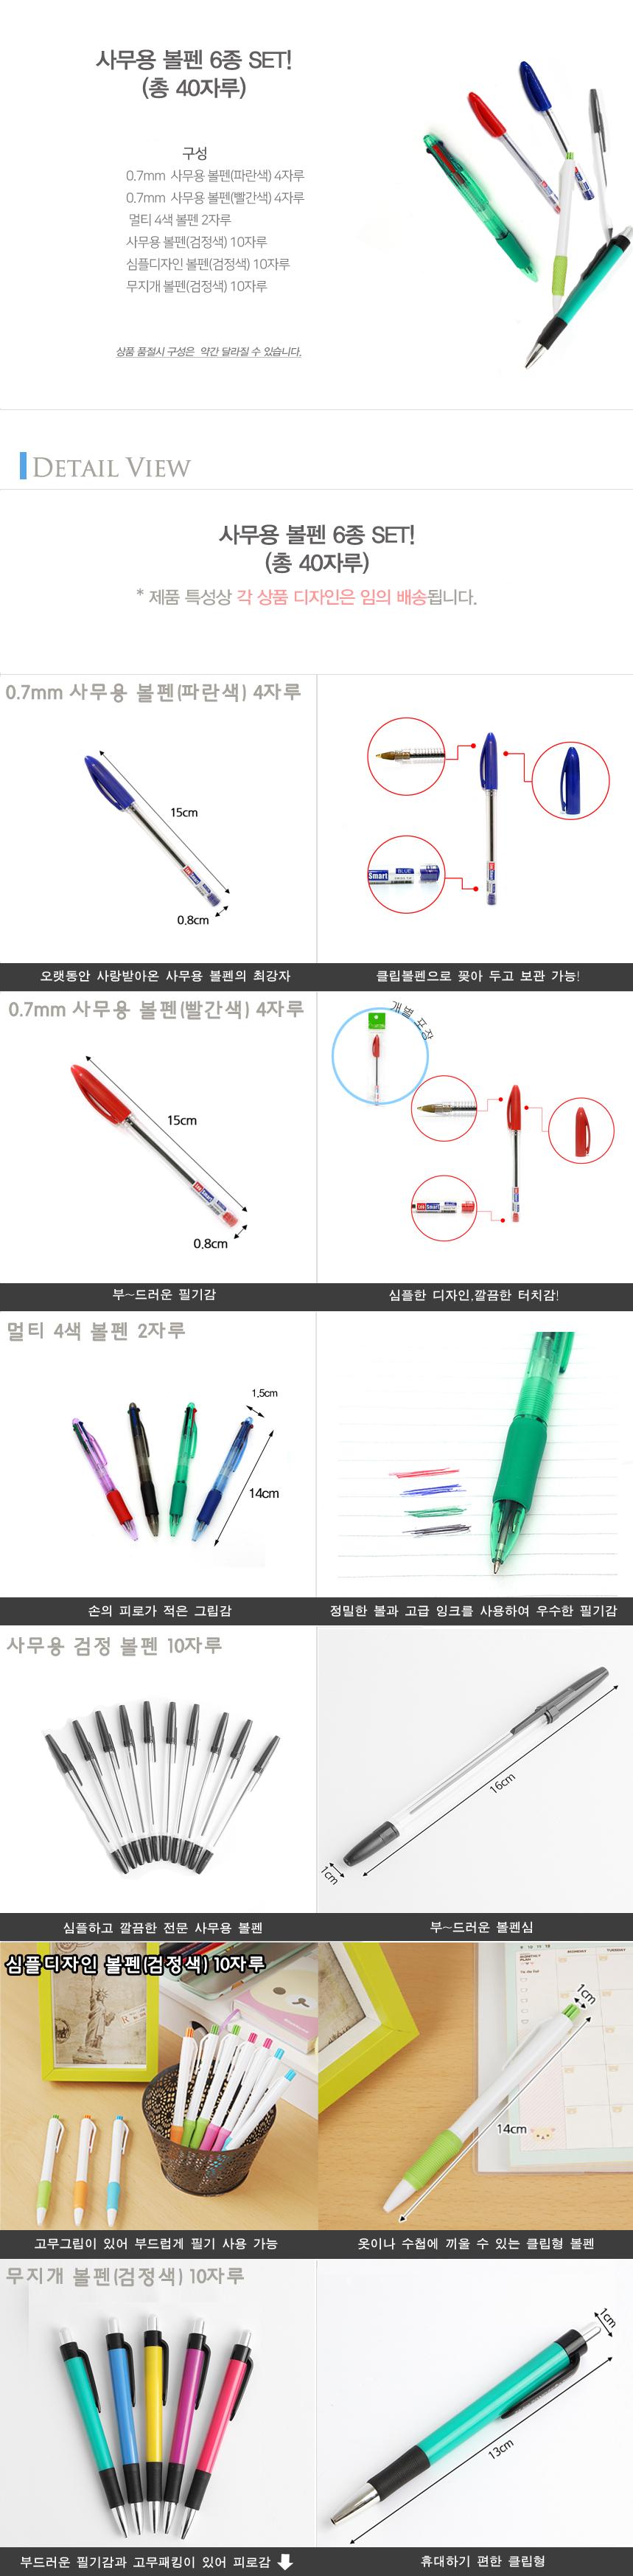 사무용볼펜 6종 SET (총40자루) - 기프트갓, 11,900원, 심플/베이직펜, 세트